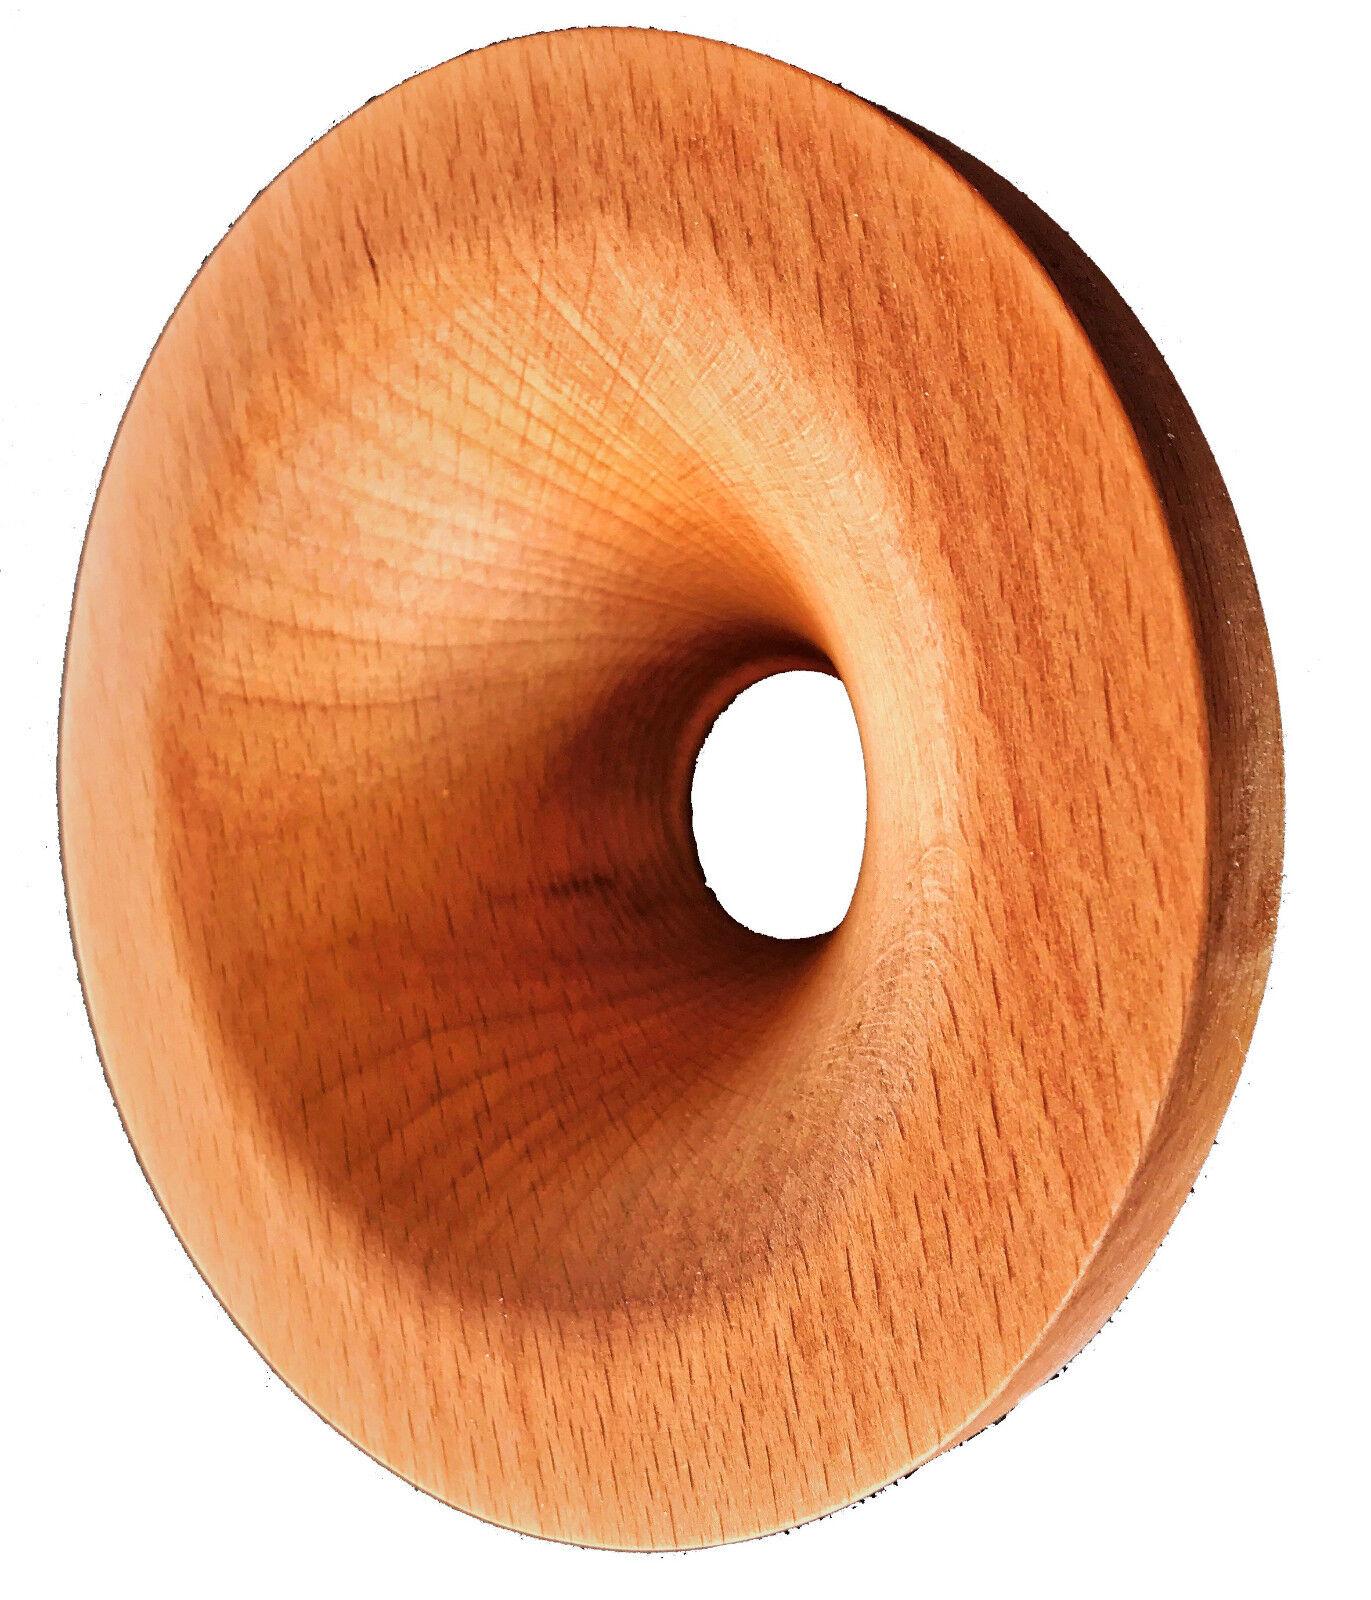 1 Paar Tractrix Holzhörner für 1.5  Hochtontreiber